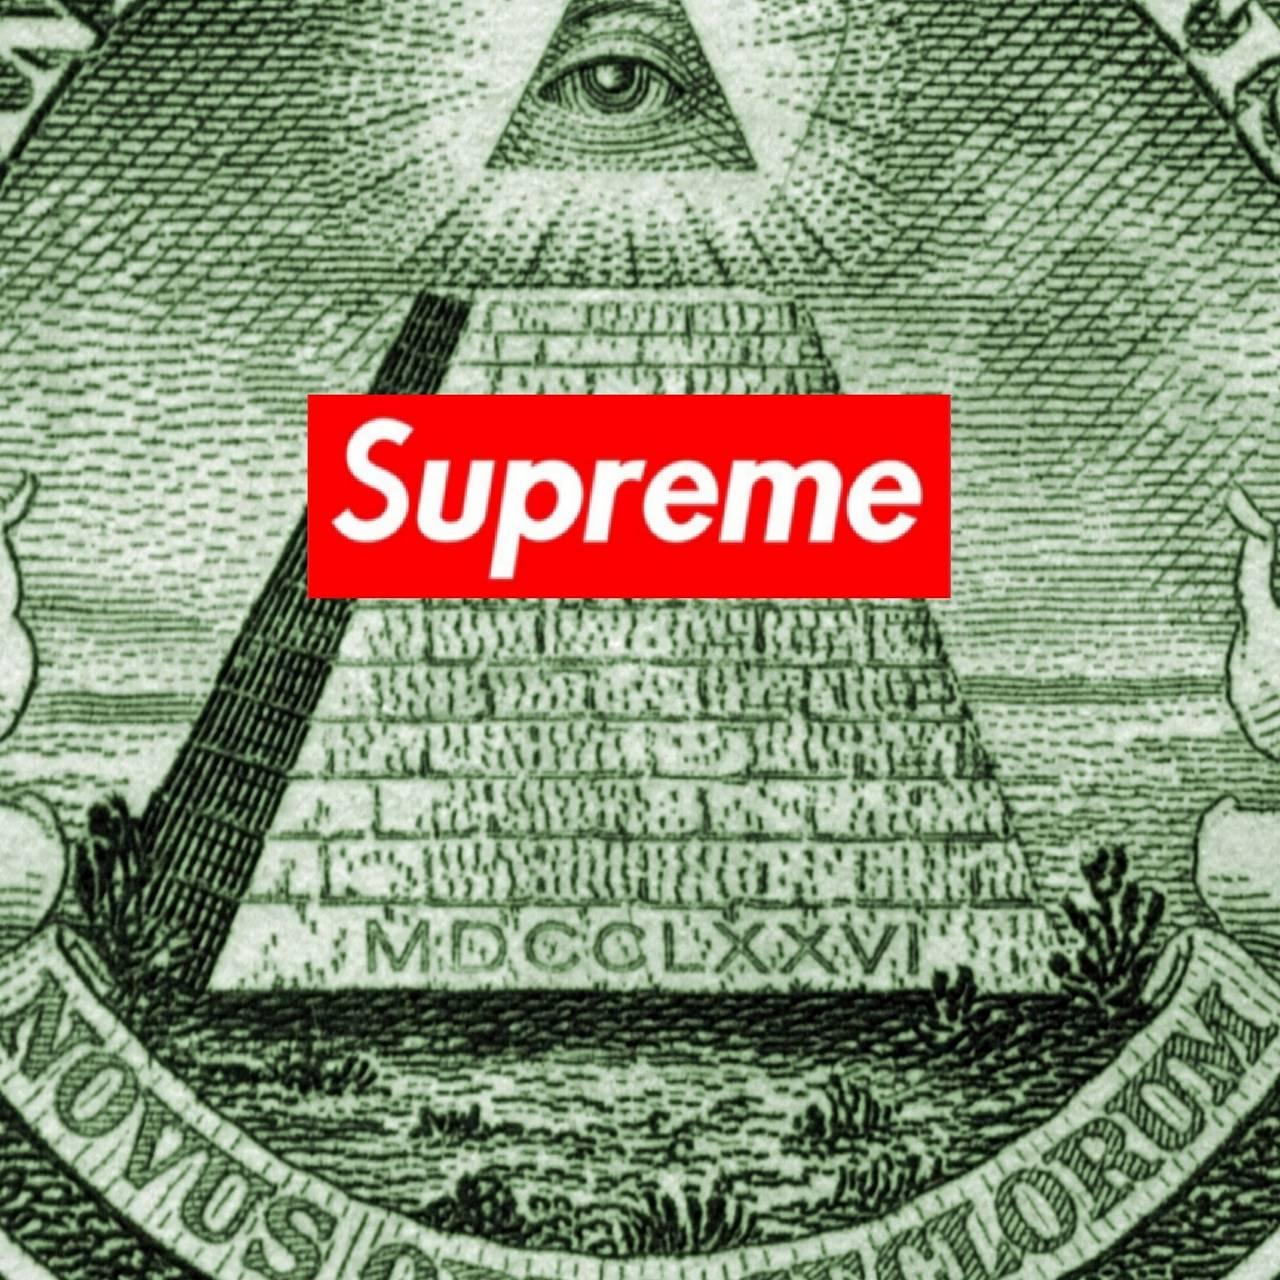 Supreme illuminati